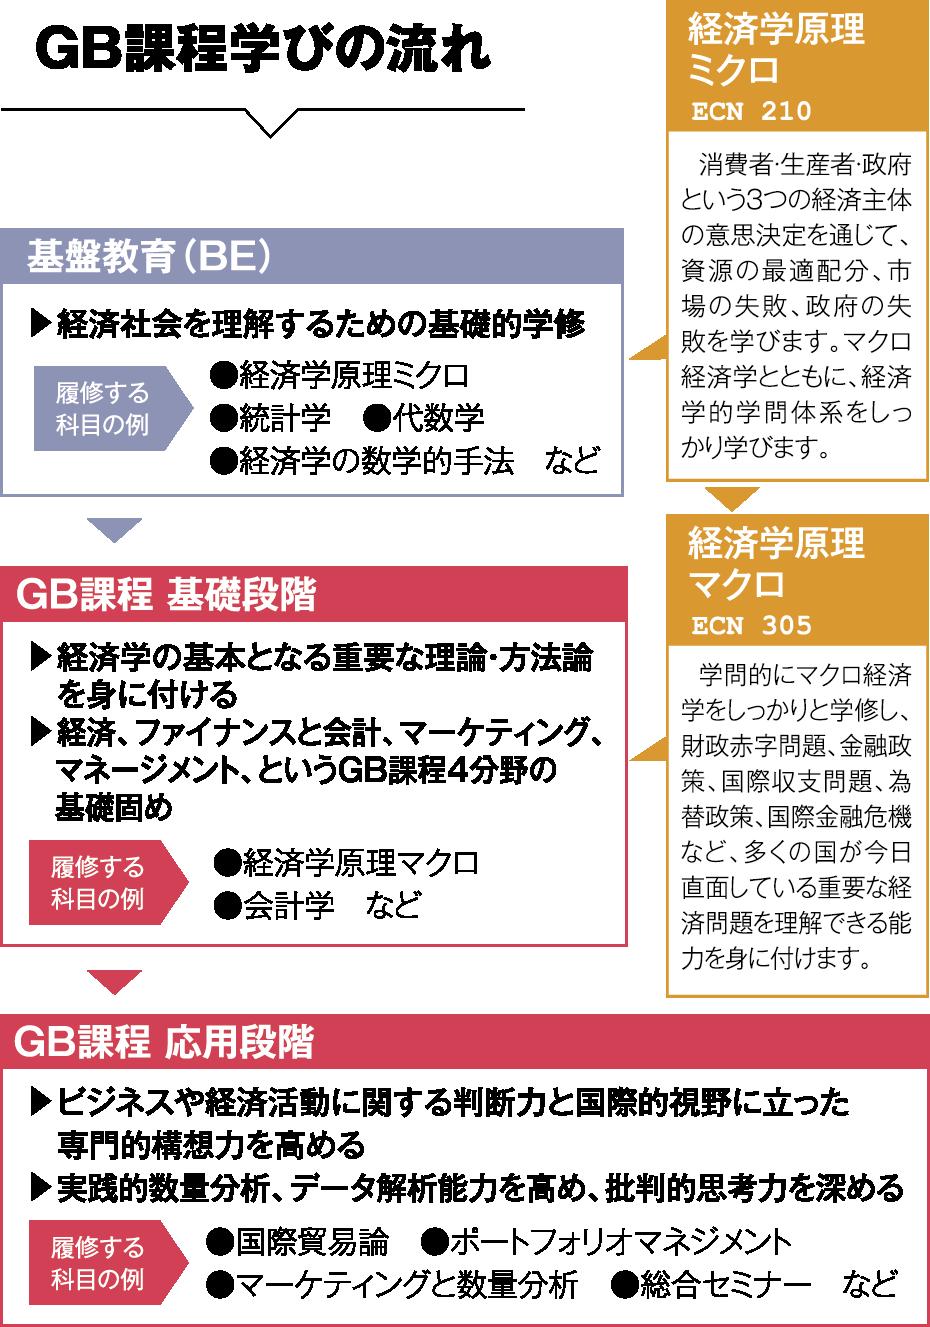 GB課程学びの流れの図